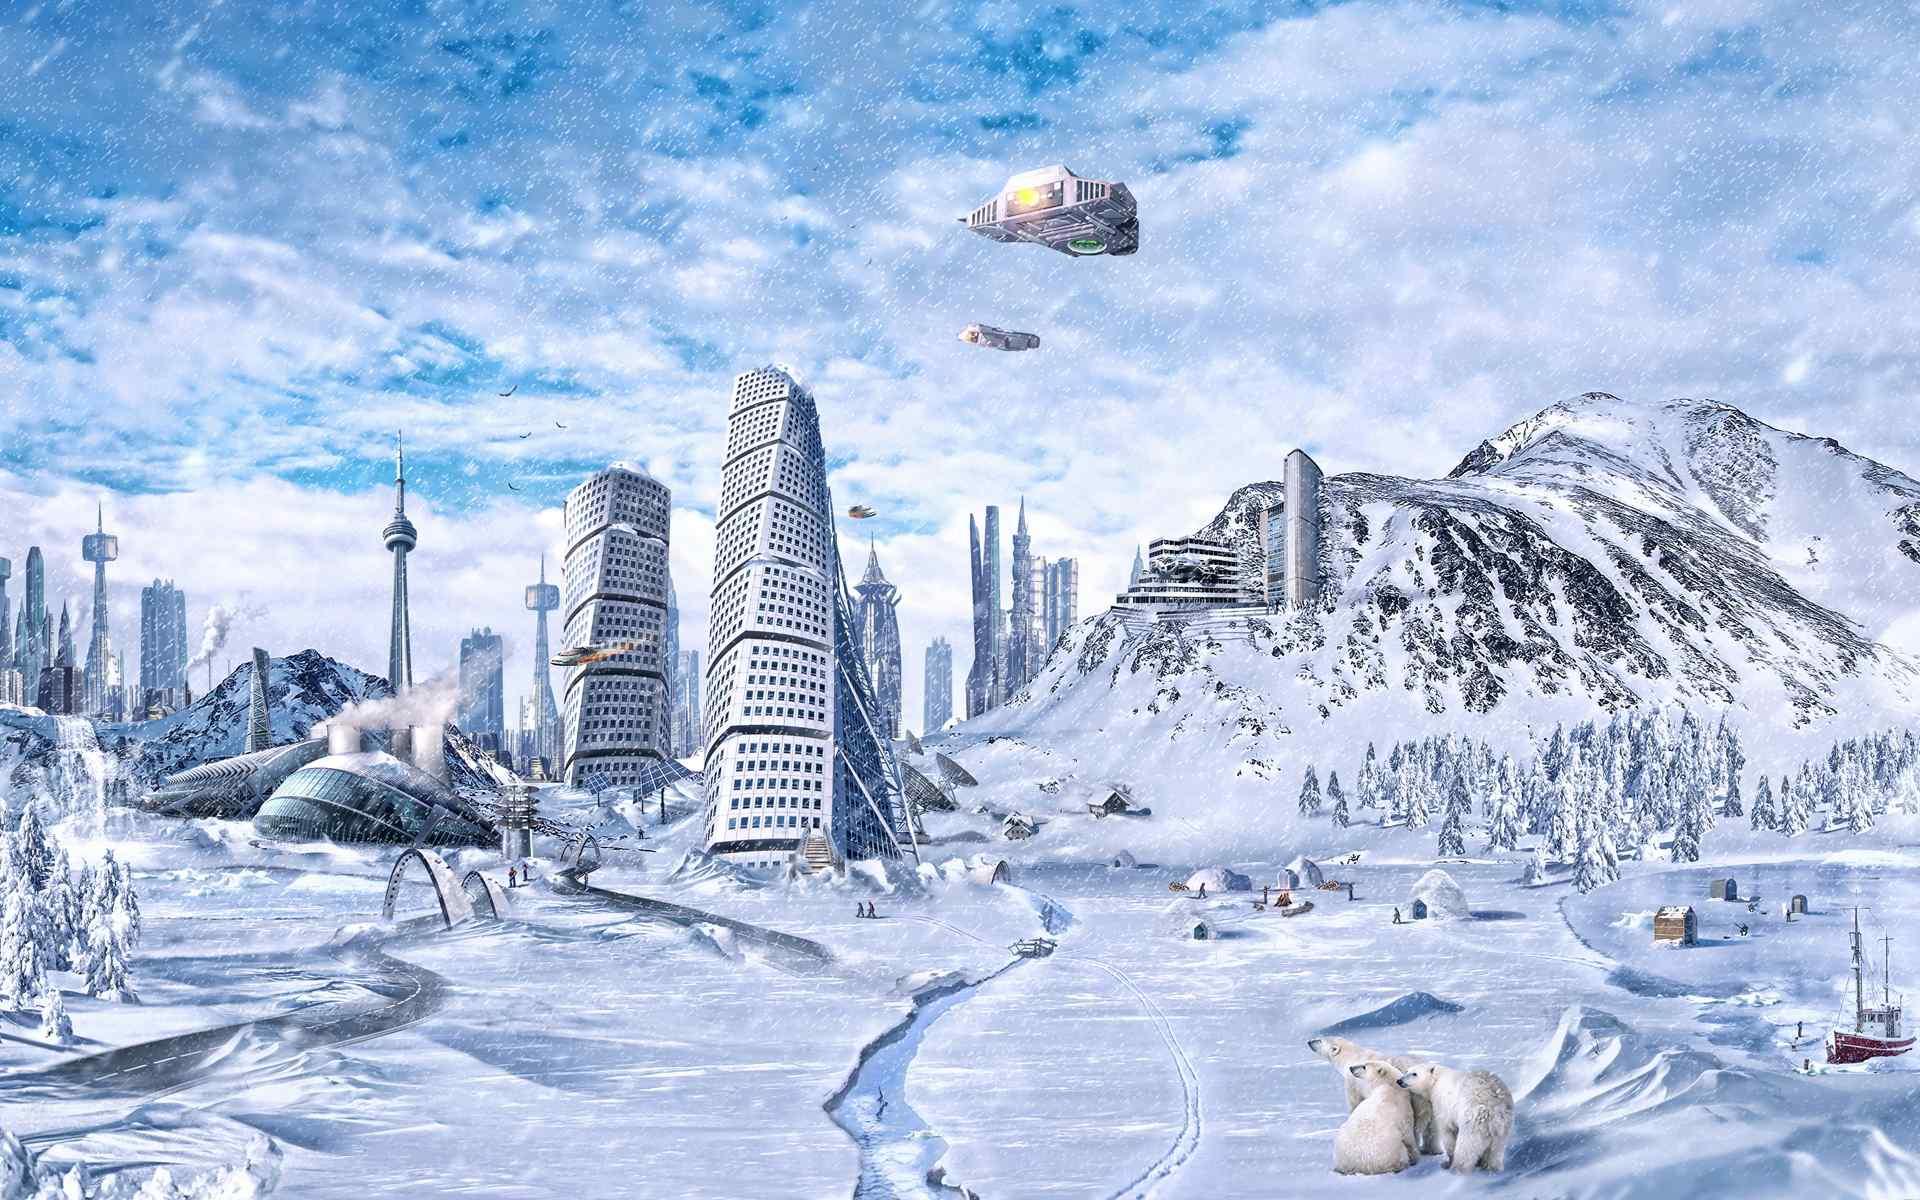 未来世界科幻之城高清图片壁纸